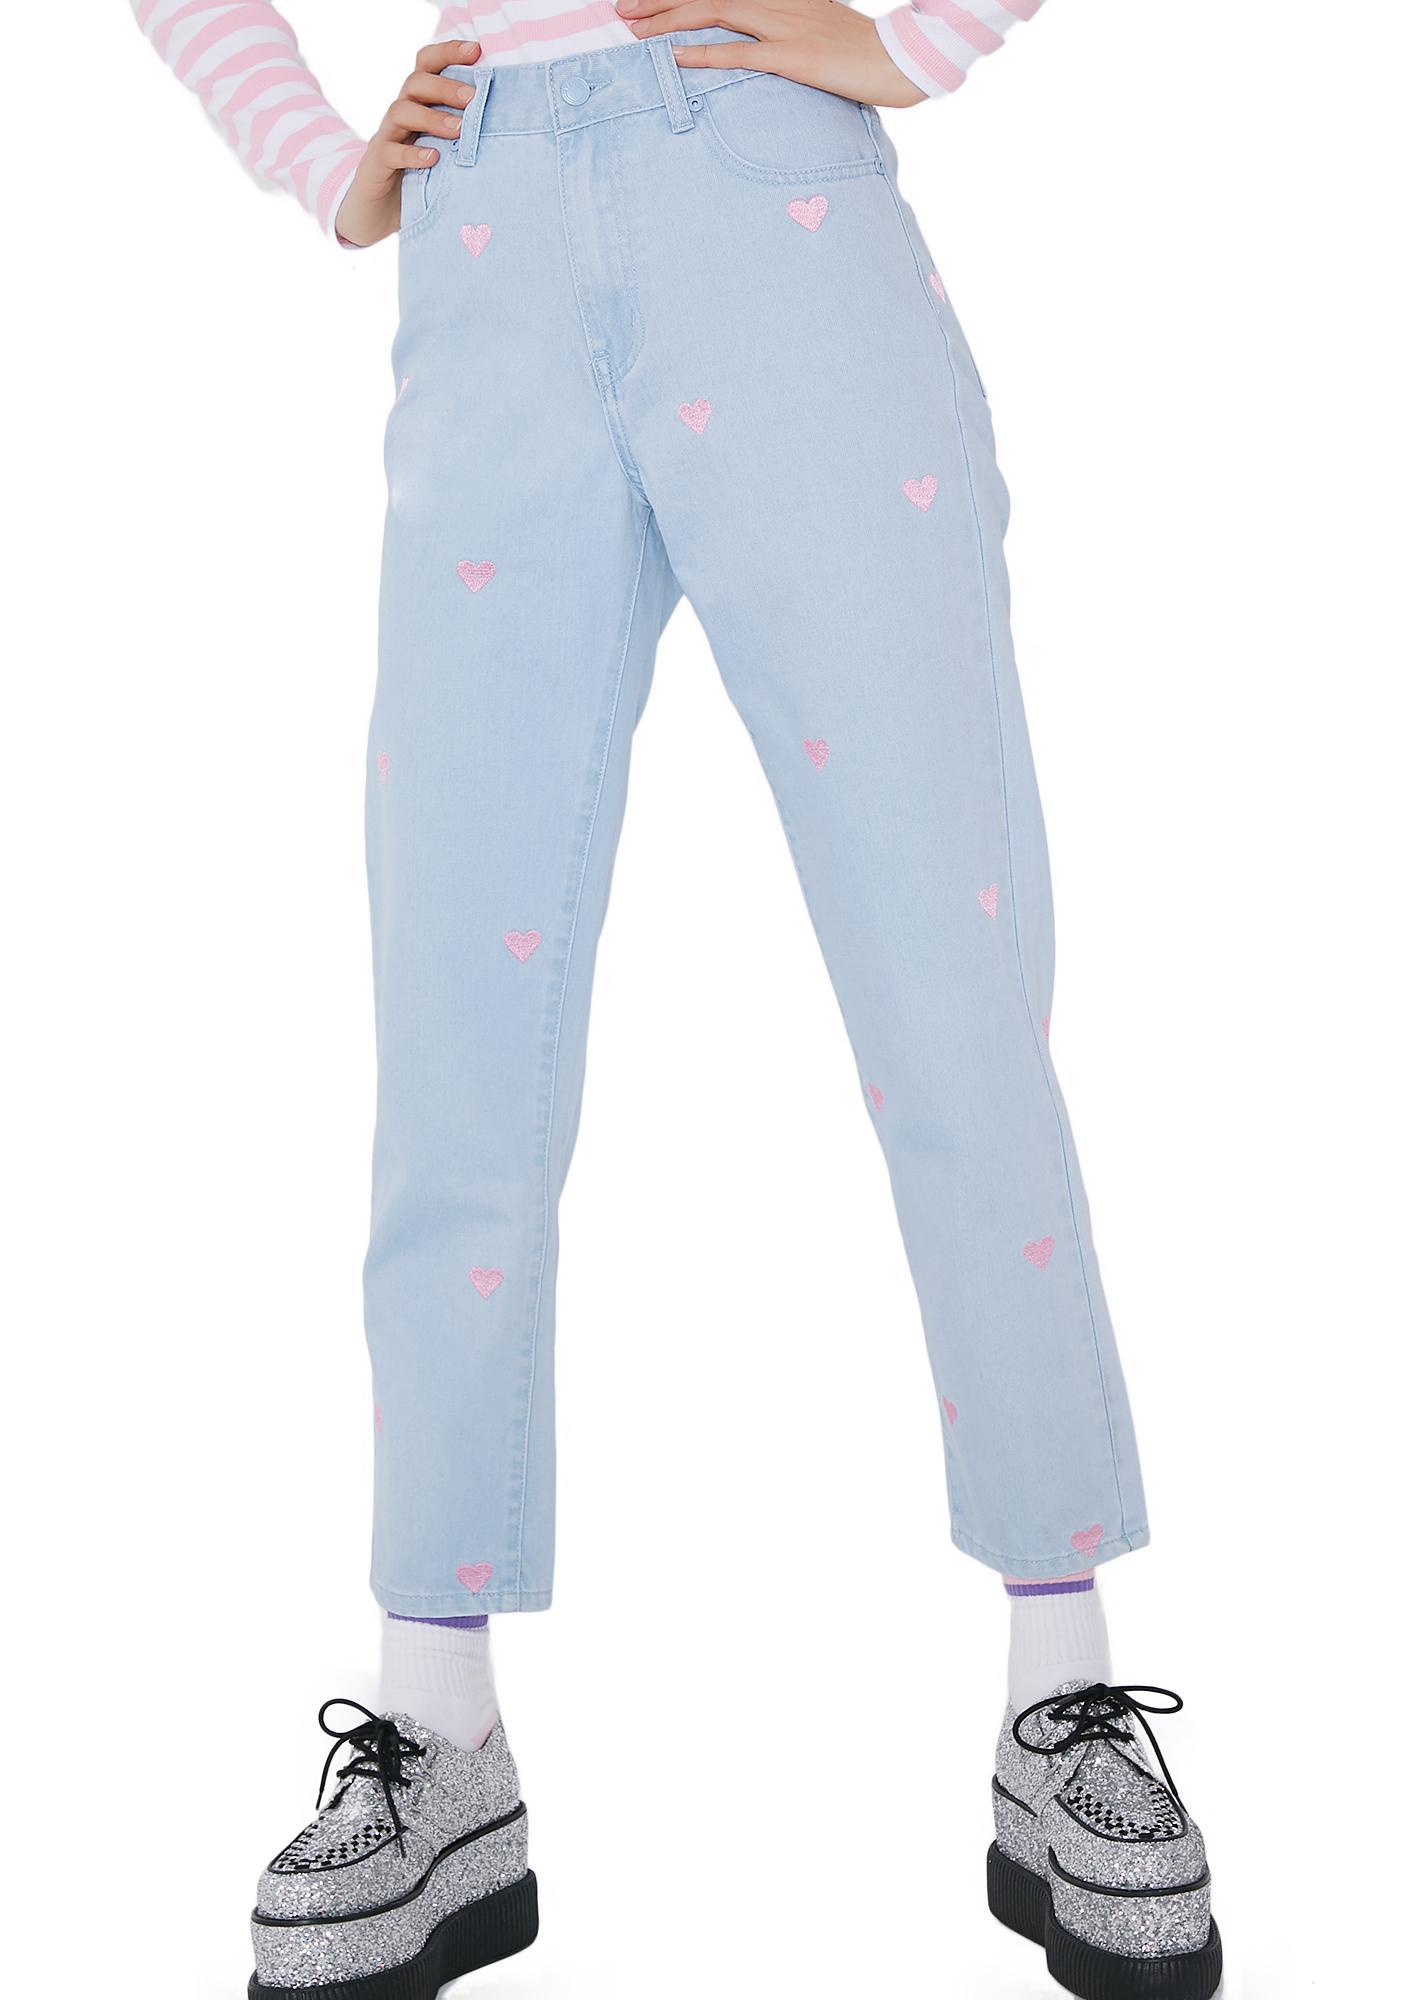 Lazy Oaf Romance Jeans